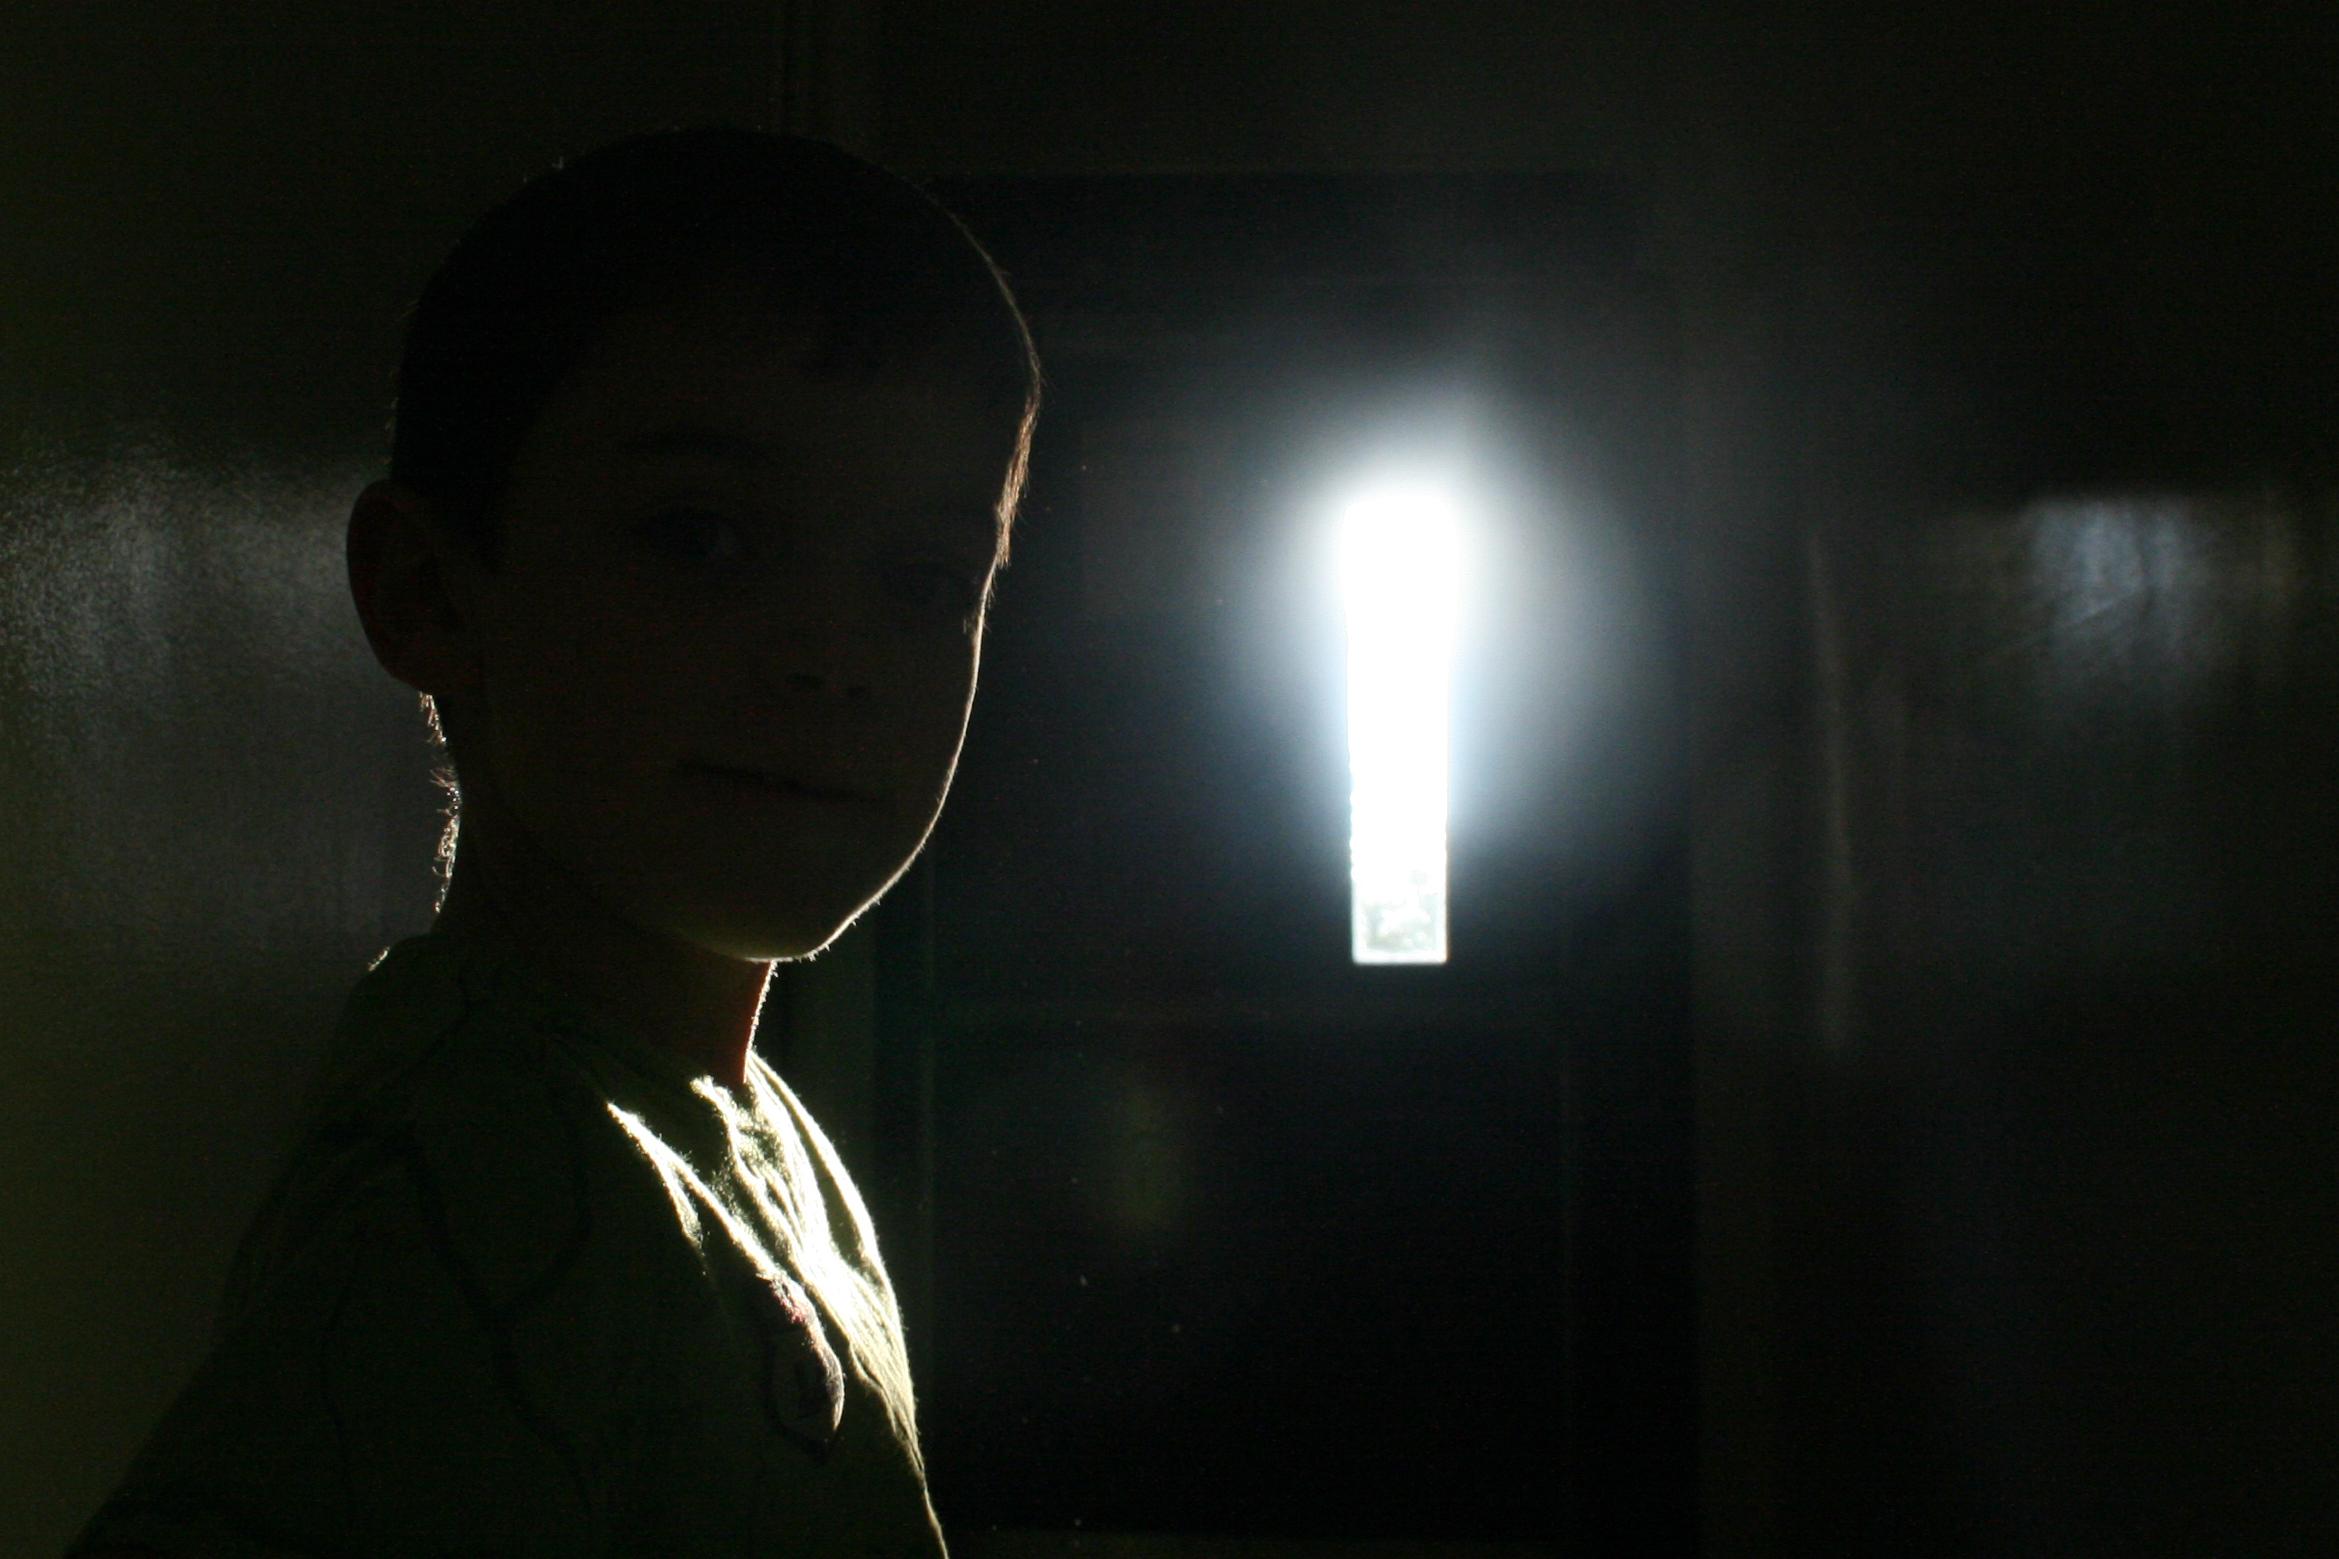 Veileder identifisering av mulige ofre for menneskehandel.